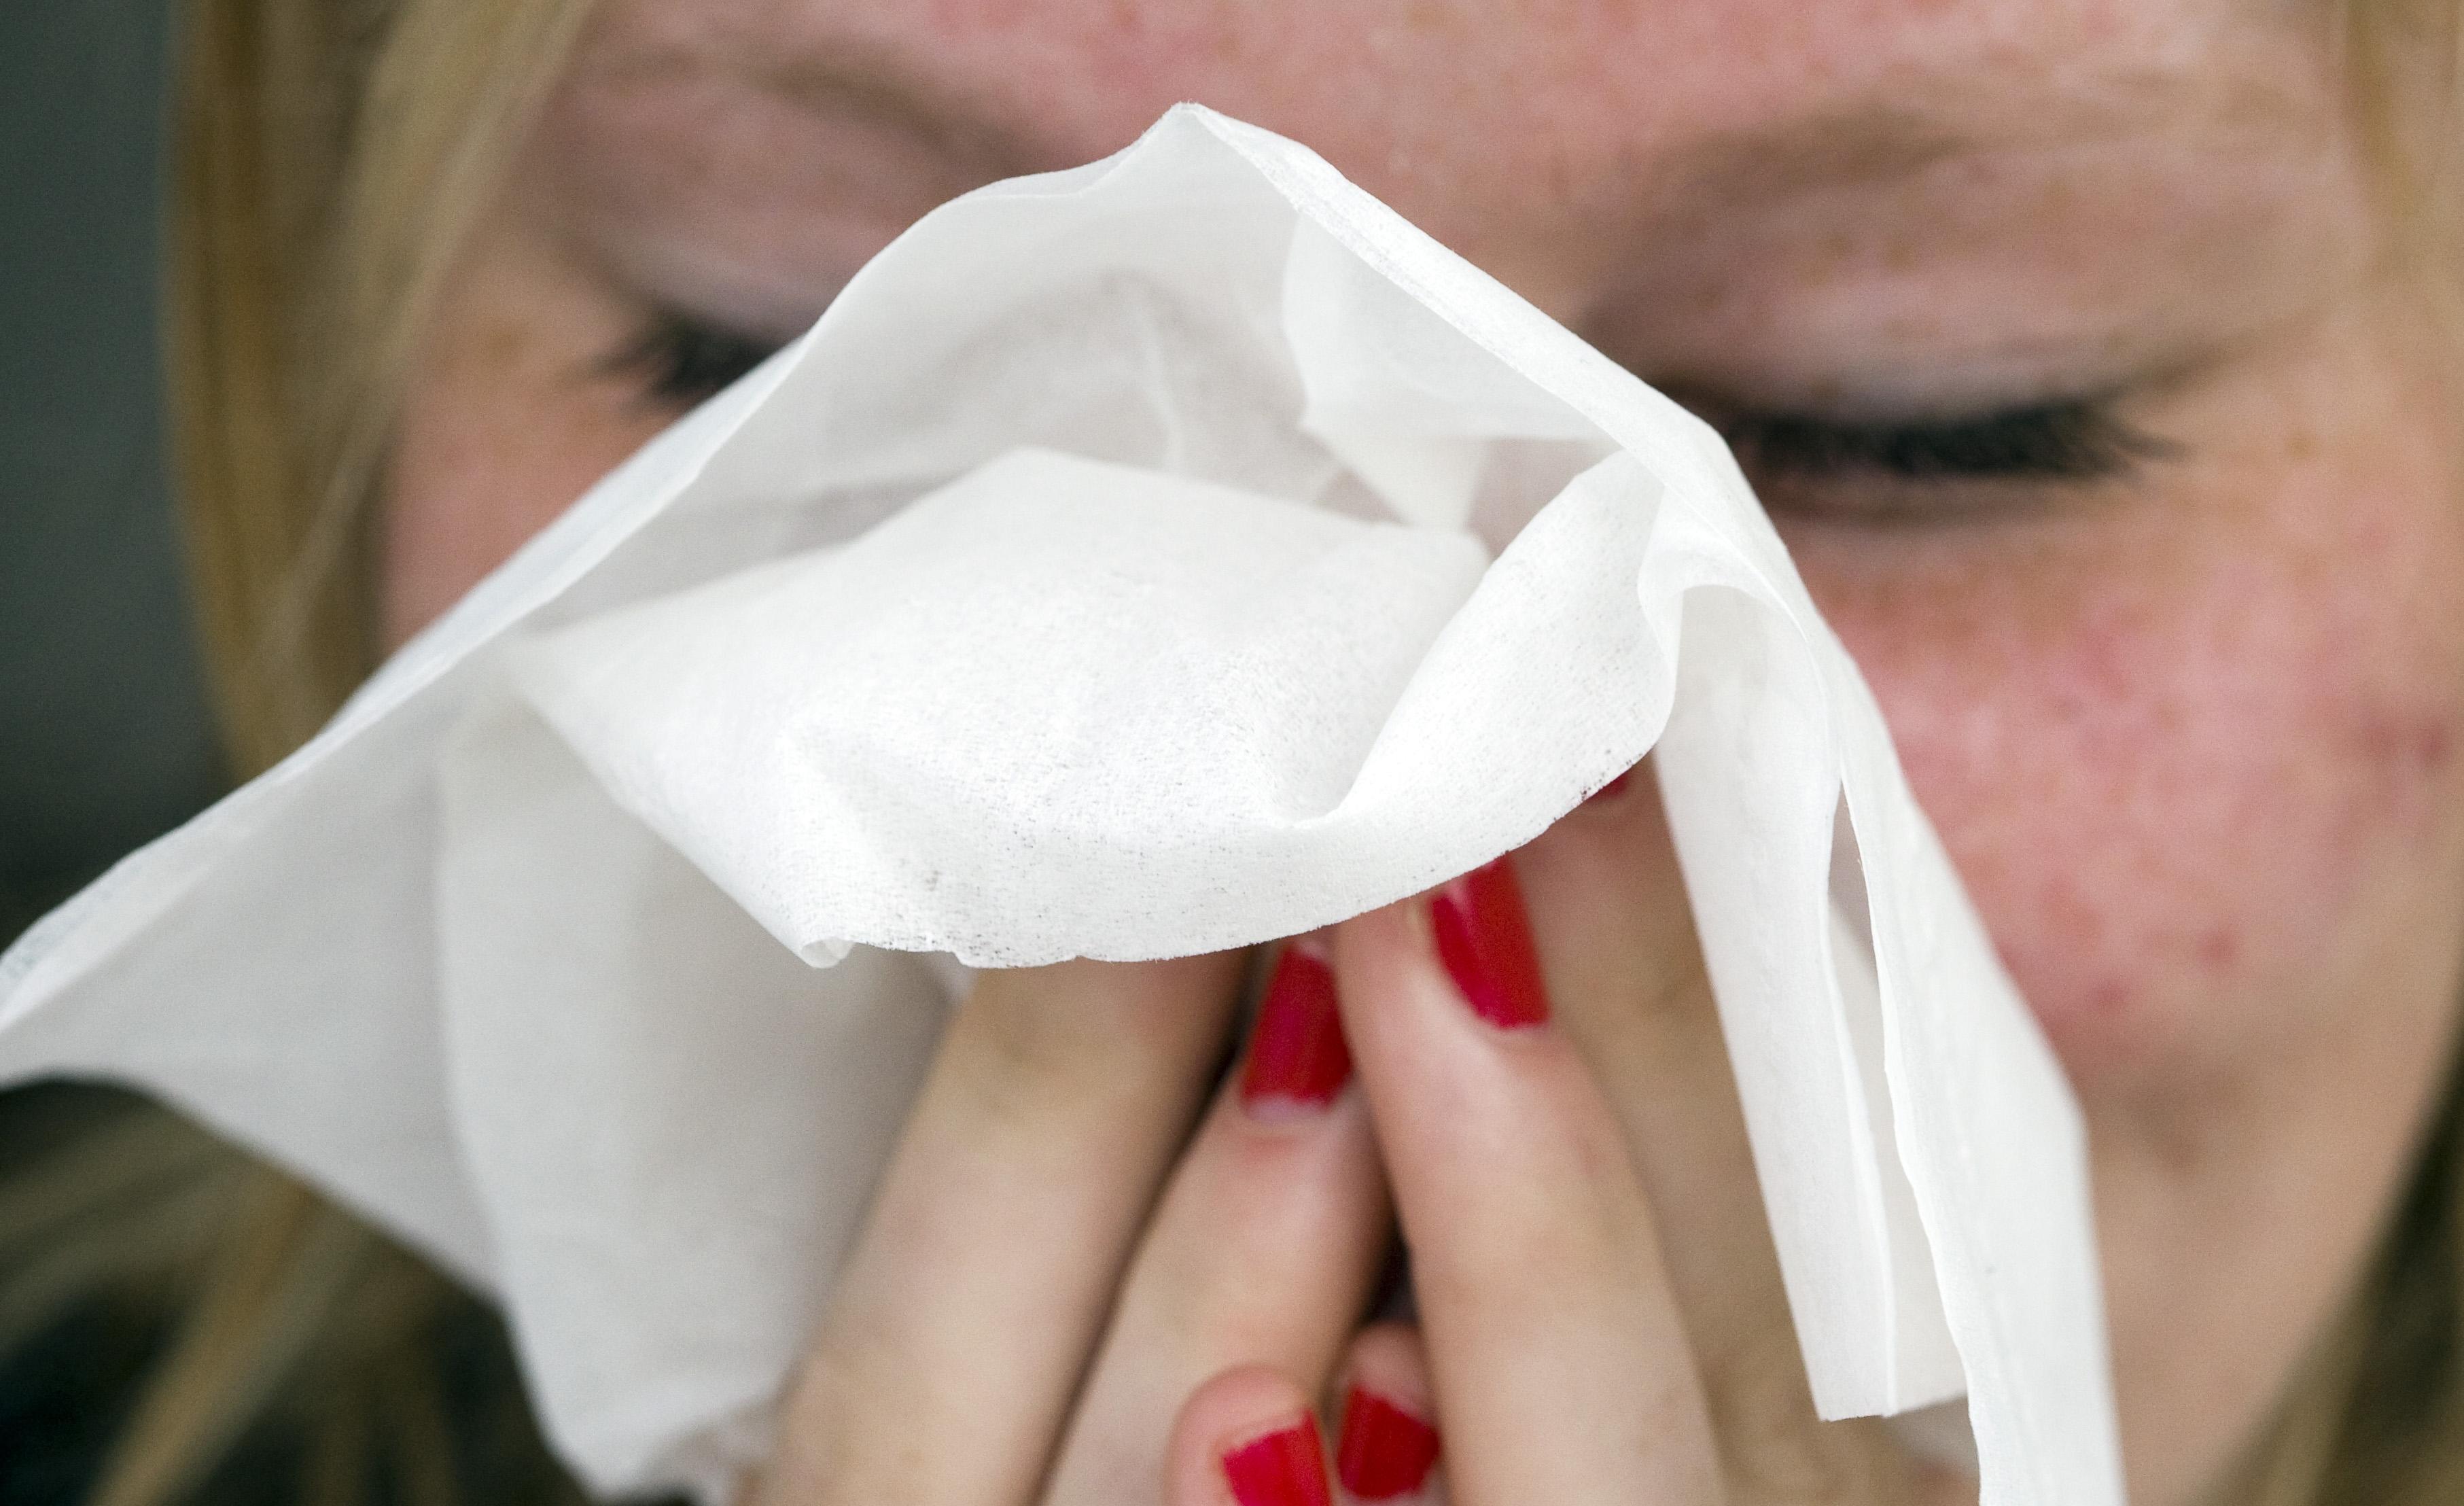 Opluchting en bezorgdheid over snotneuzenbeleid: 'We moeten weer strenger afstand houden'